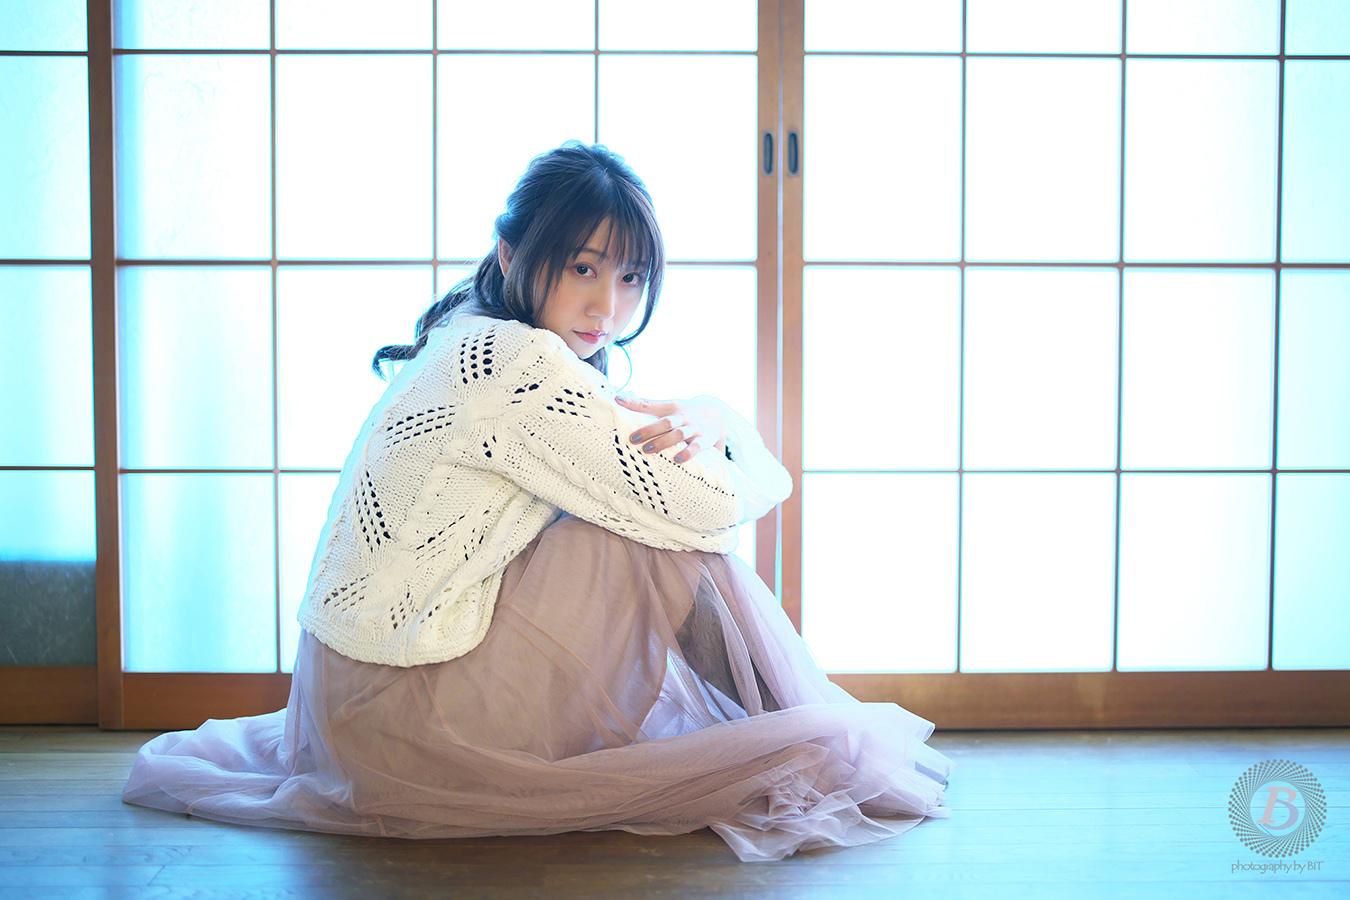 夏目樹里 -AZURE♯- _c0115616_18471229.jpg